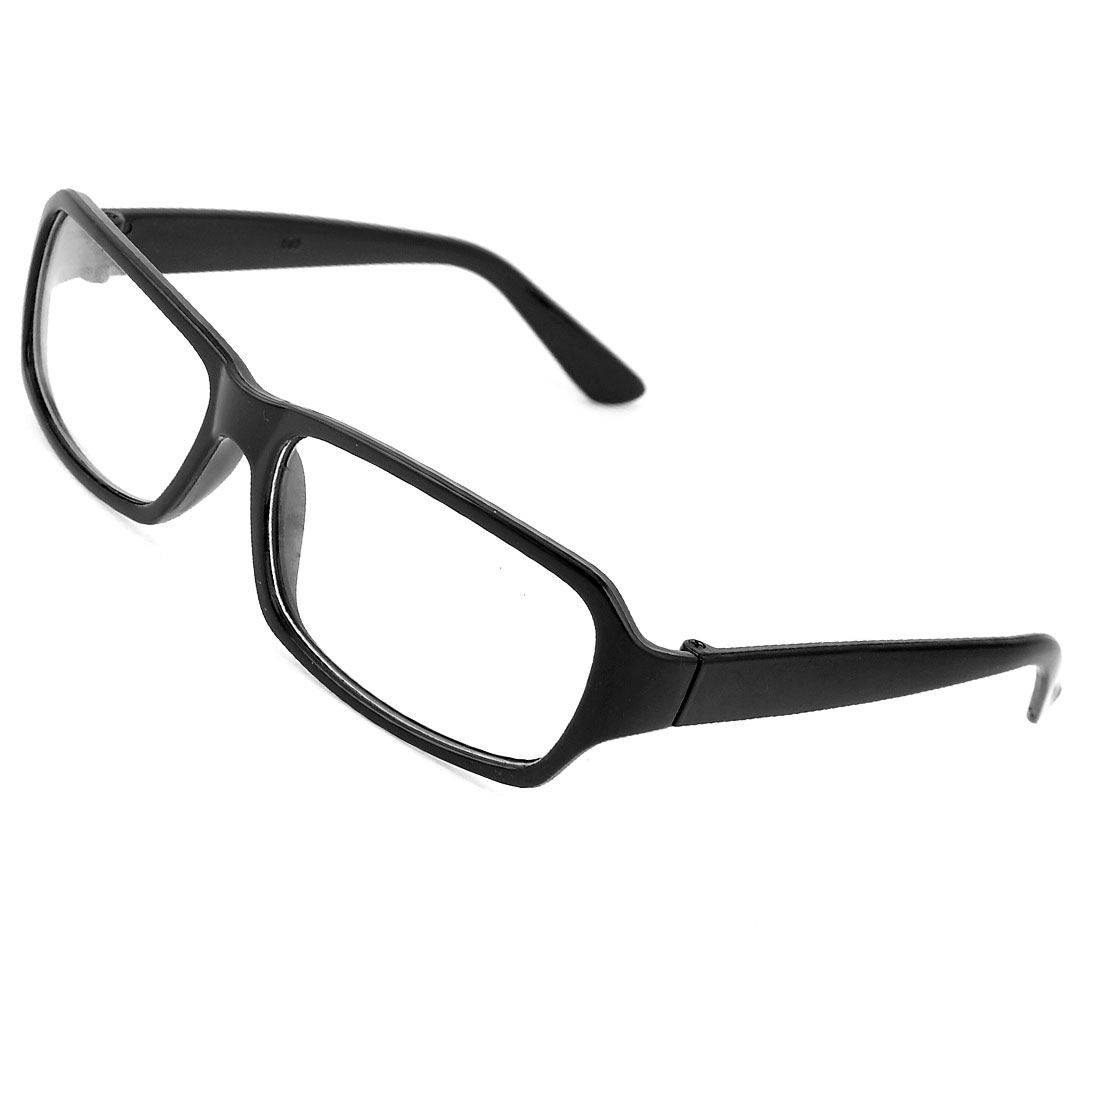 Unisex Black Plastic Full Frame Plain Eyewear Eyeglasses